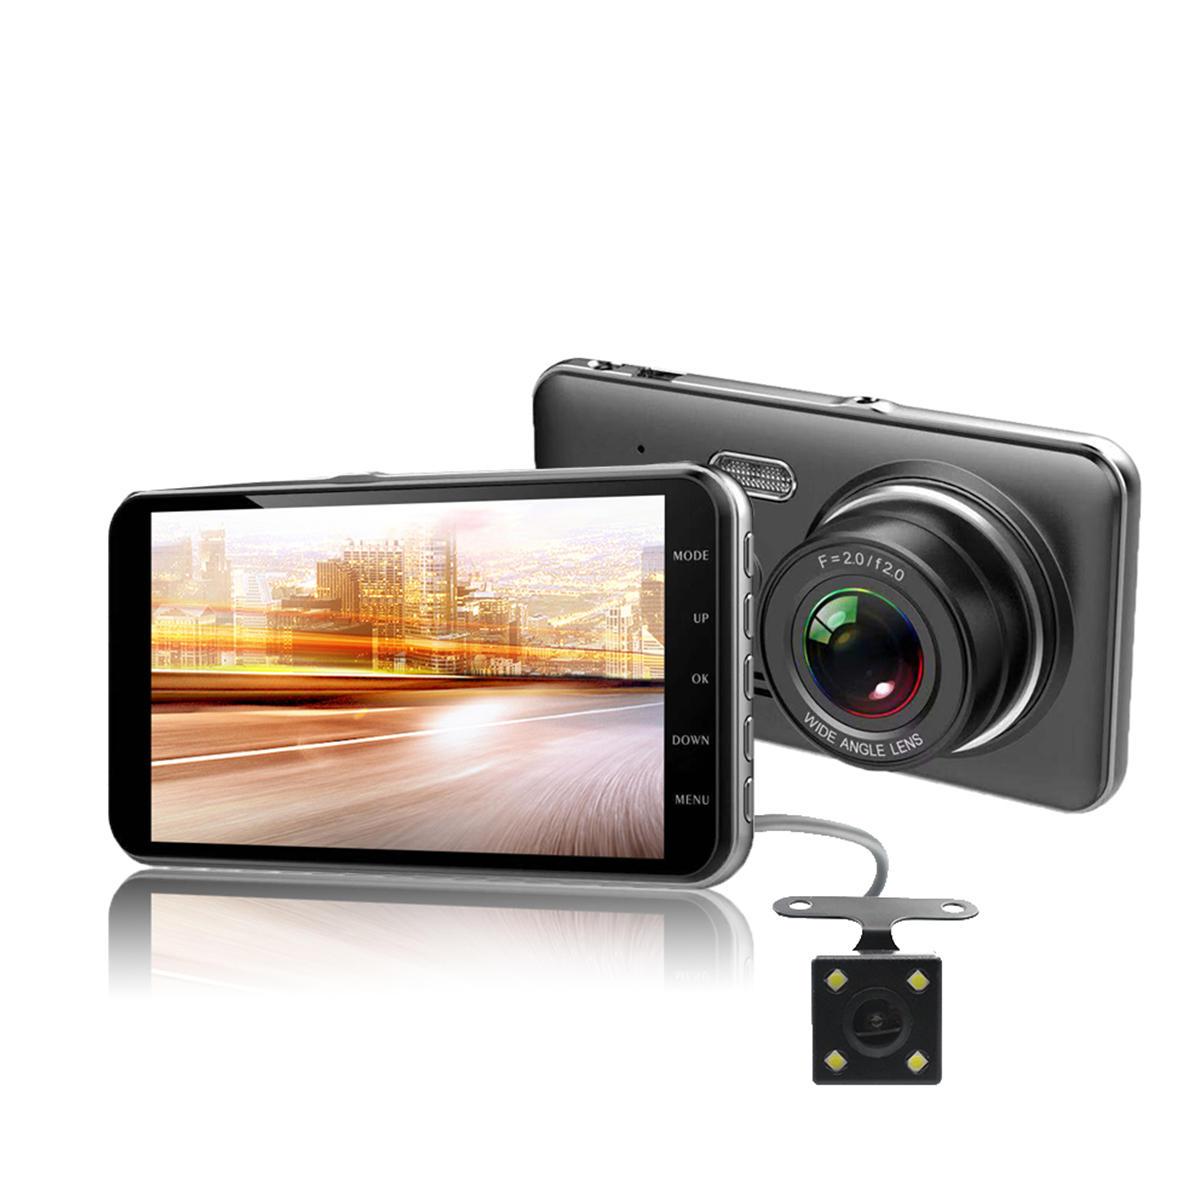 D207 4 इंच 1080P कार DVR वीडियो वॉयस रिकॉर्डिंग रियर व्यू कैमरा के साथ